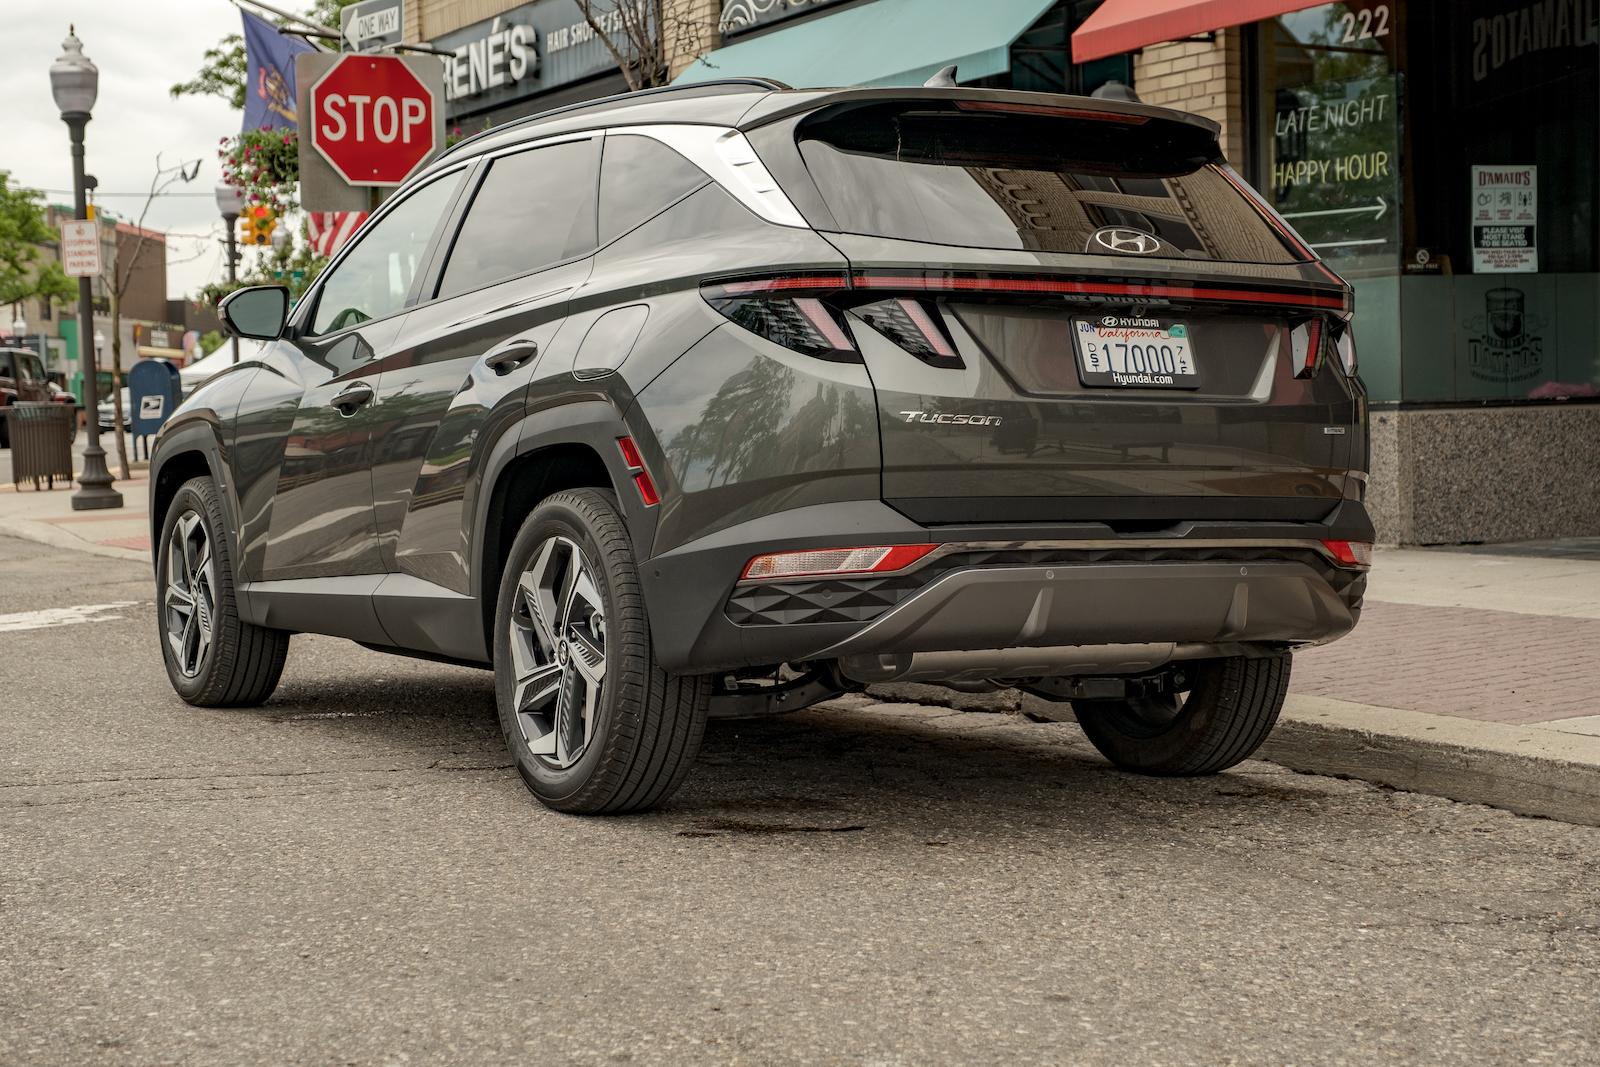 2022 Hyundai Tucson Limited rear 3/4